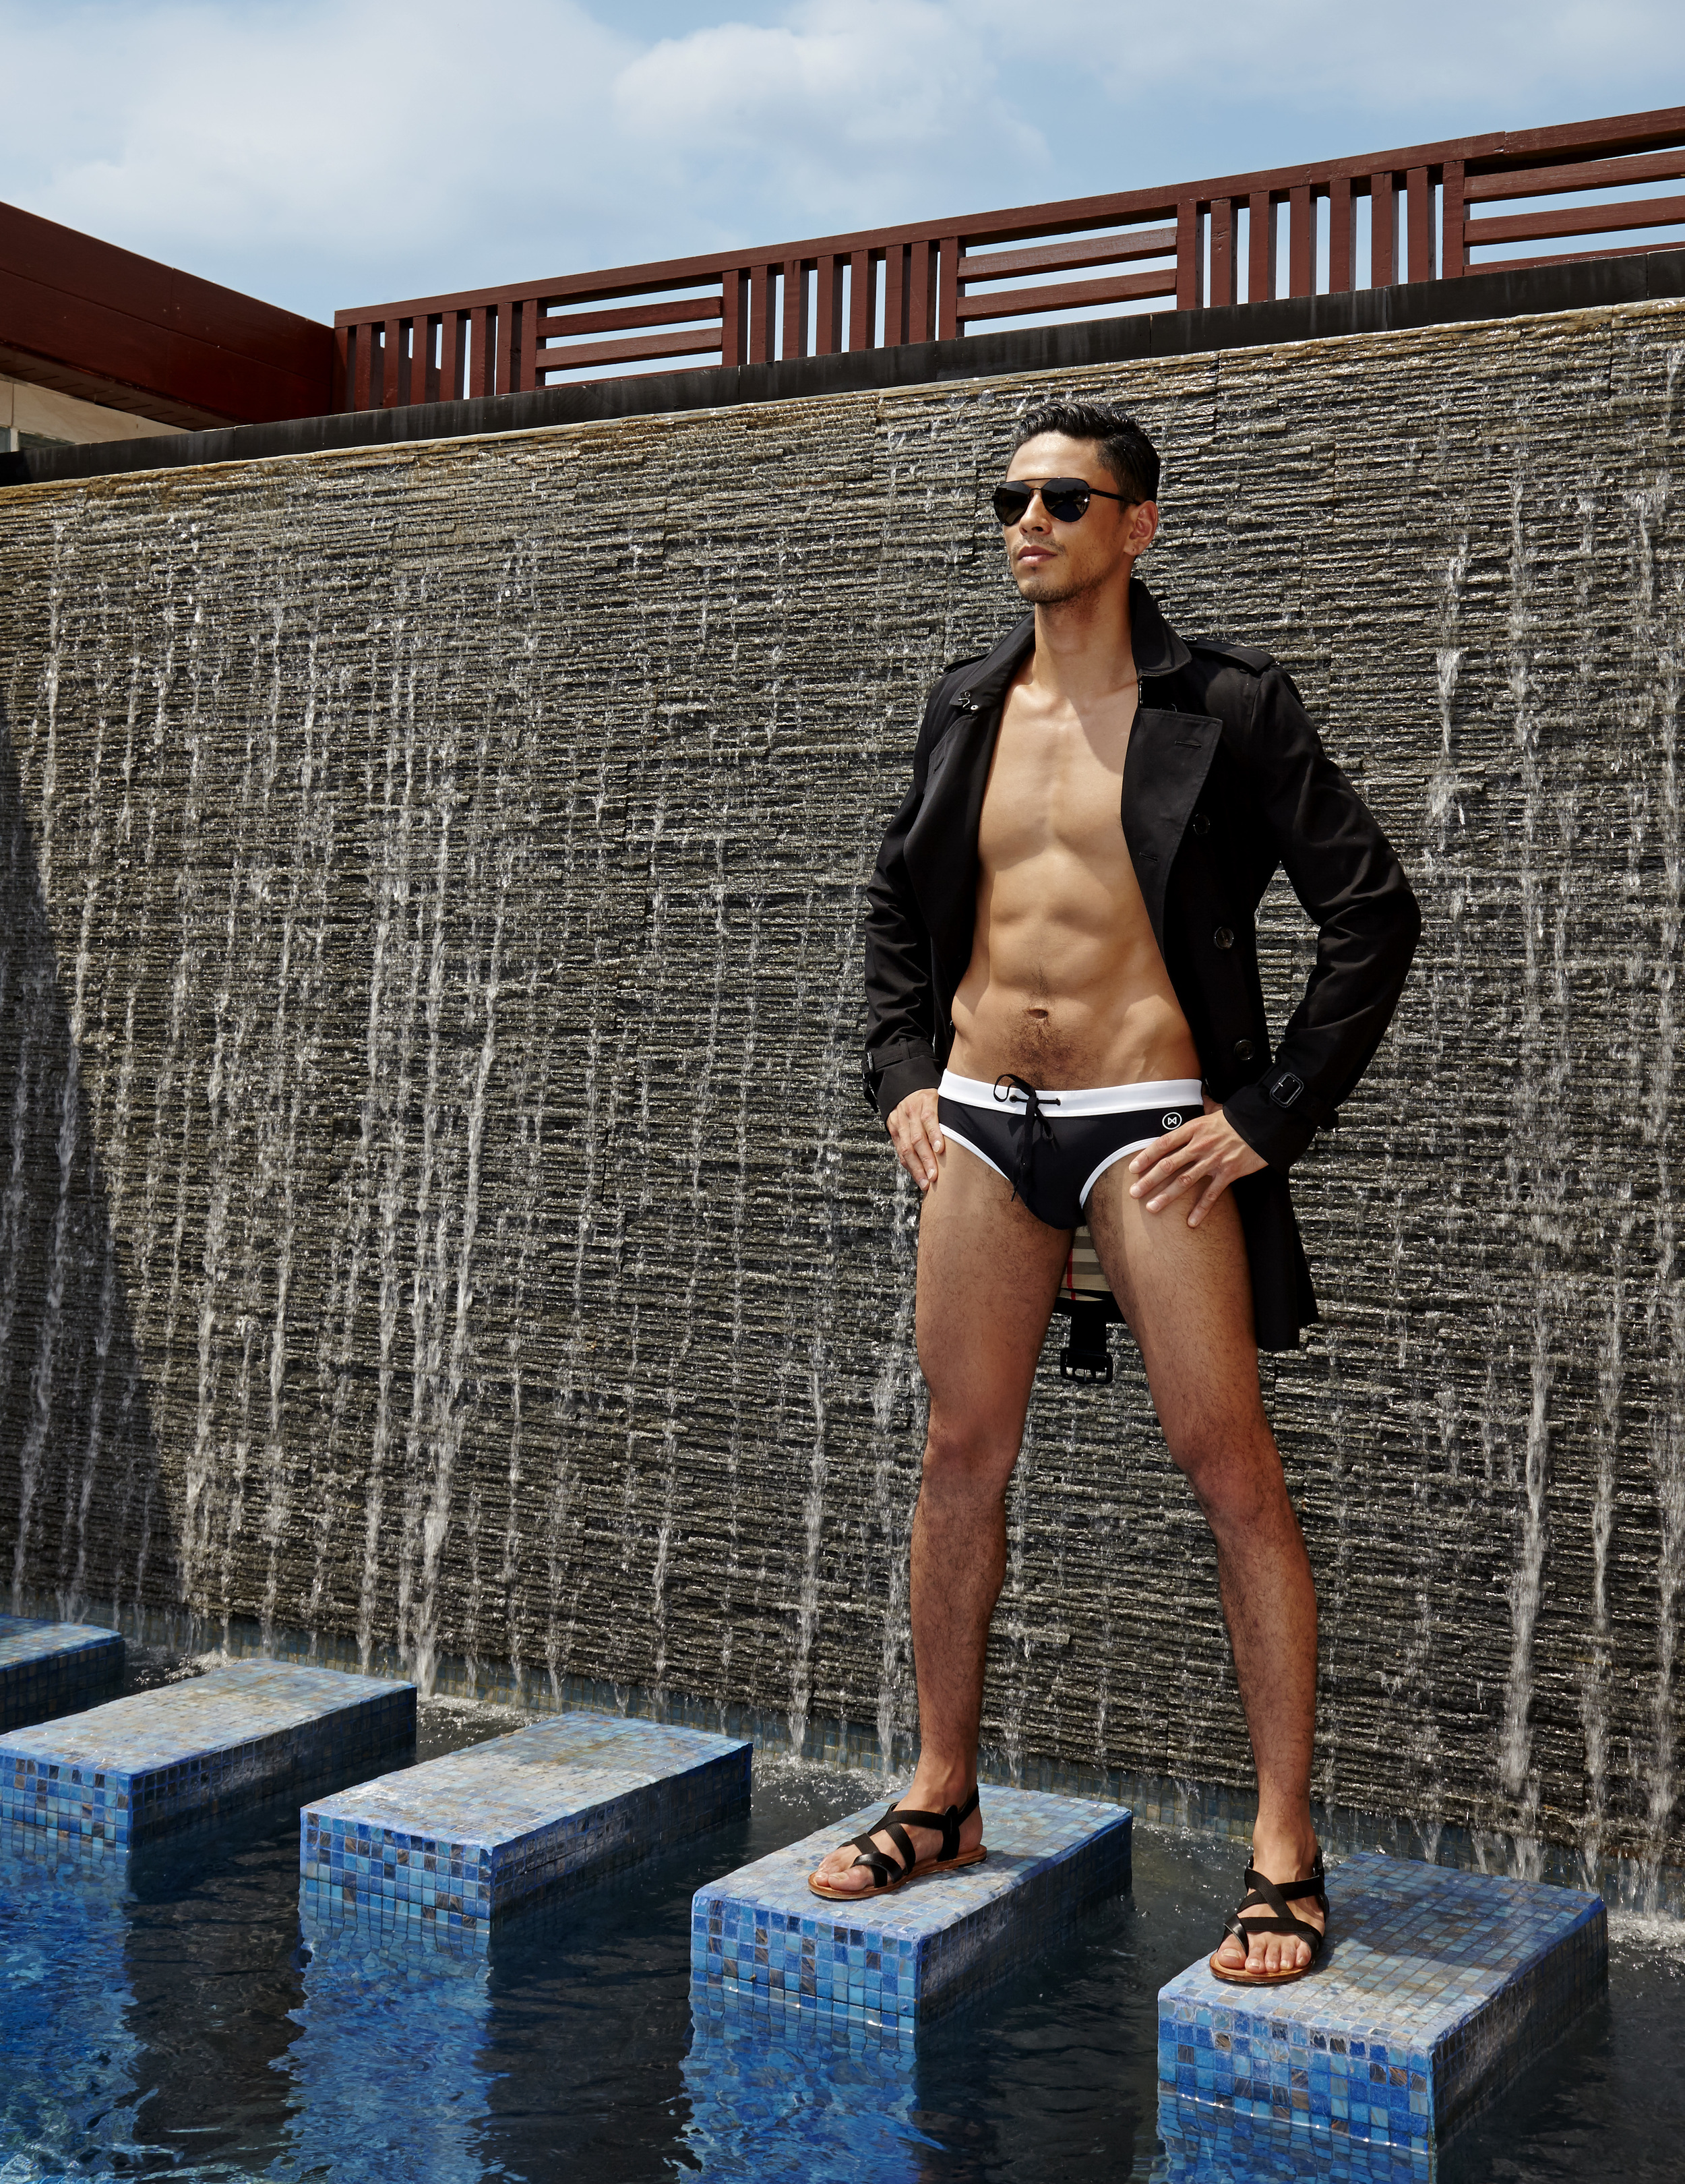 Male : Trench Coat : BURBERRY / sunglasses : PRADA / swimwear : NOXX